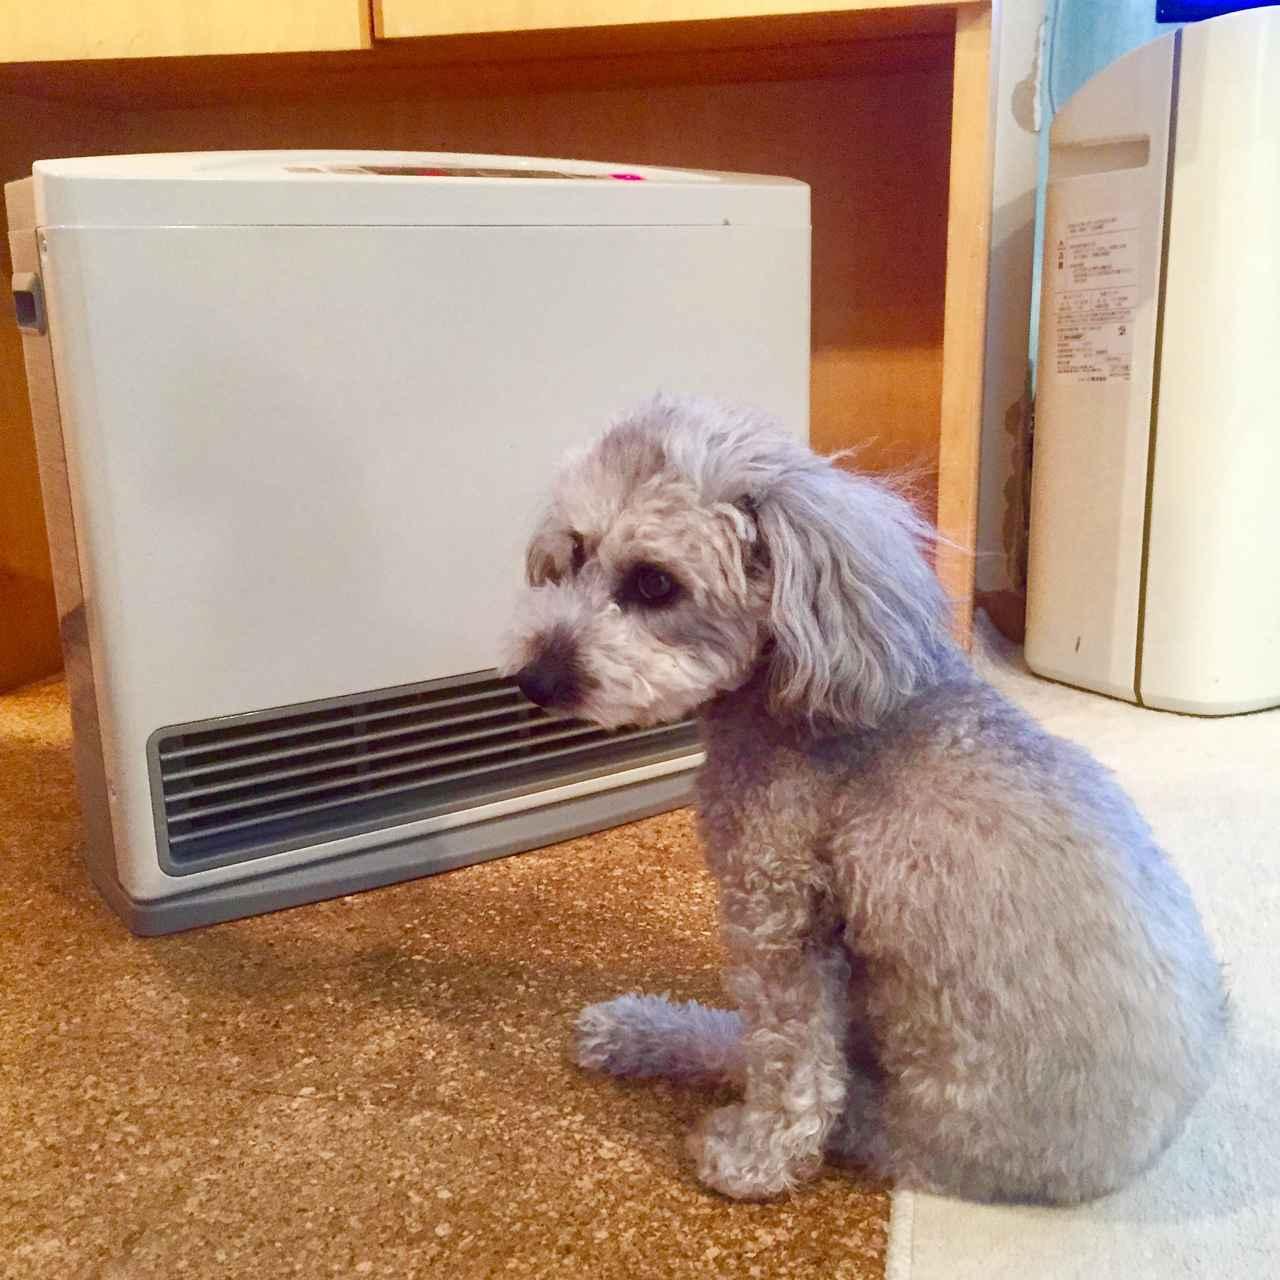 画像1: 【カセットボンベストーブ】コンパクトでコスパが良い暖房器具 冬キャンプで活躍!